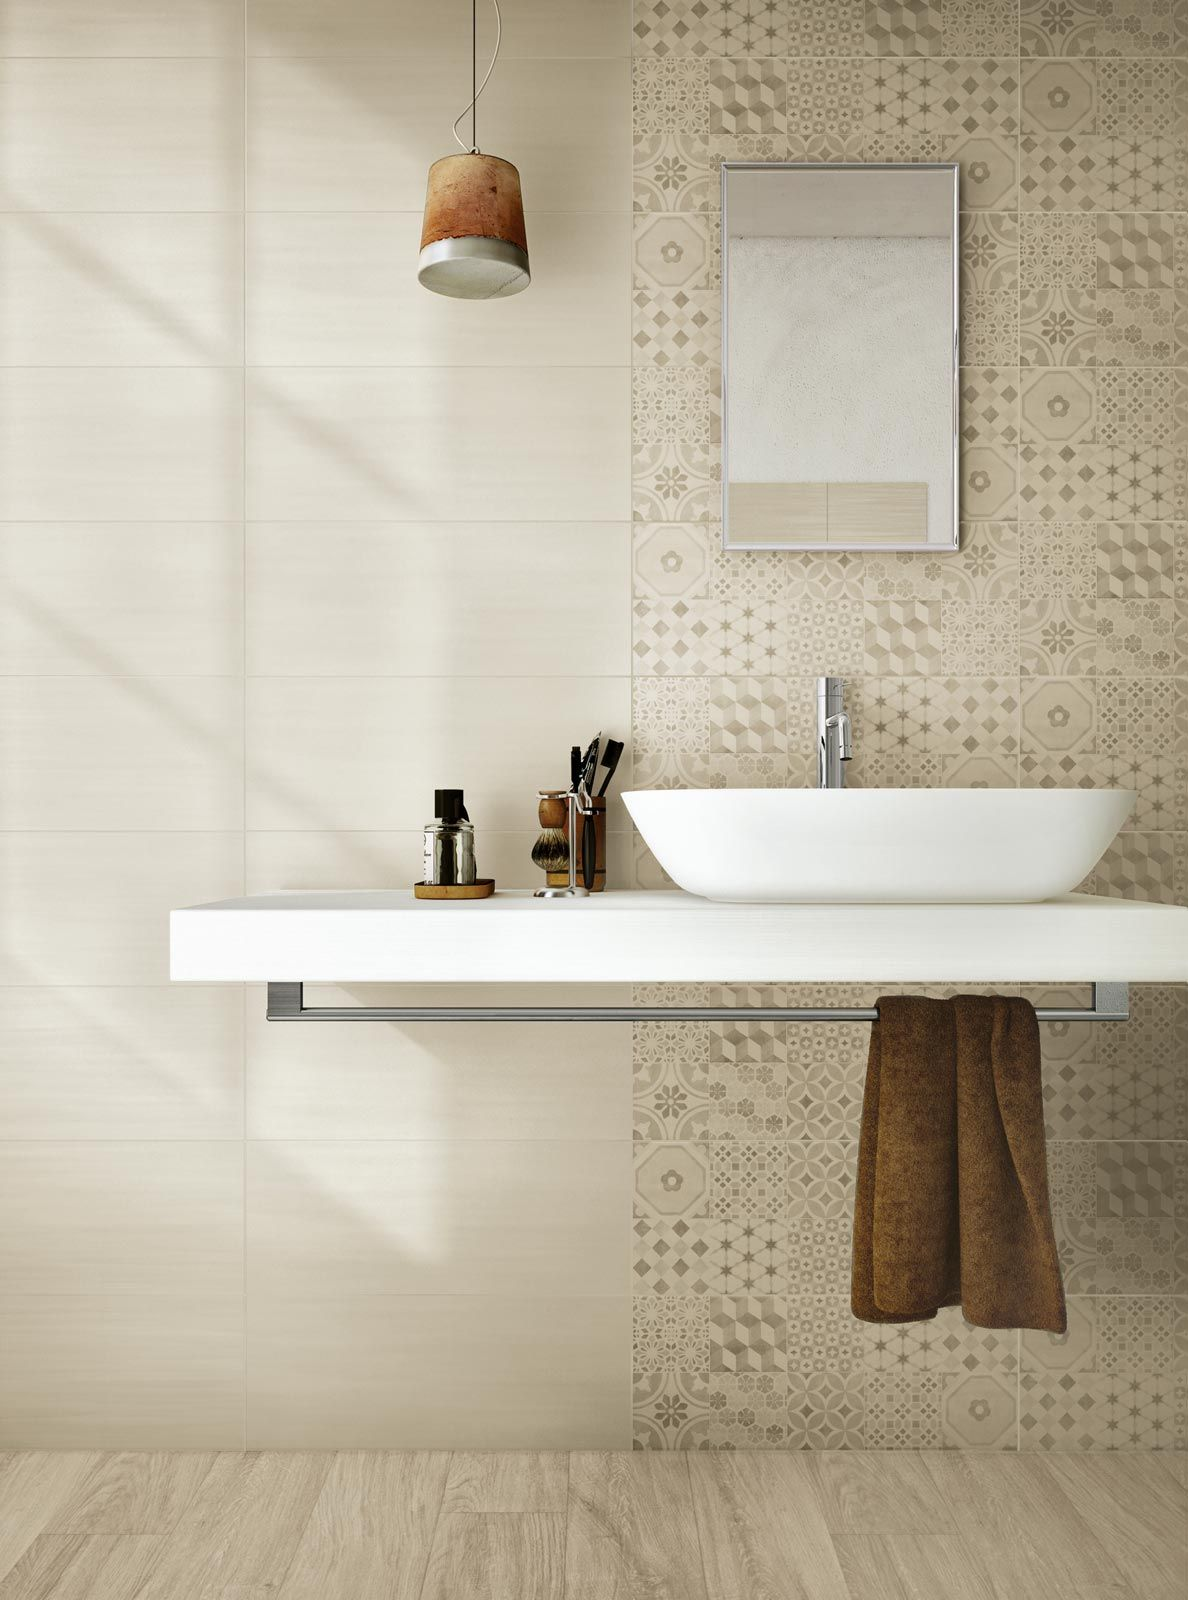 Piastrelle bagno in gres porcellanato ragno bathroom - Bagno gres porcellanato ...